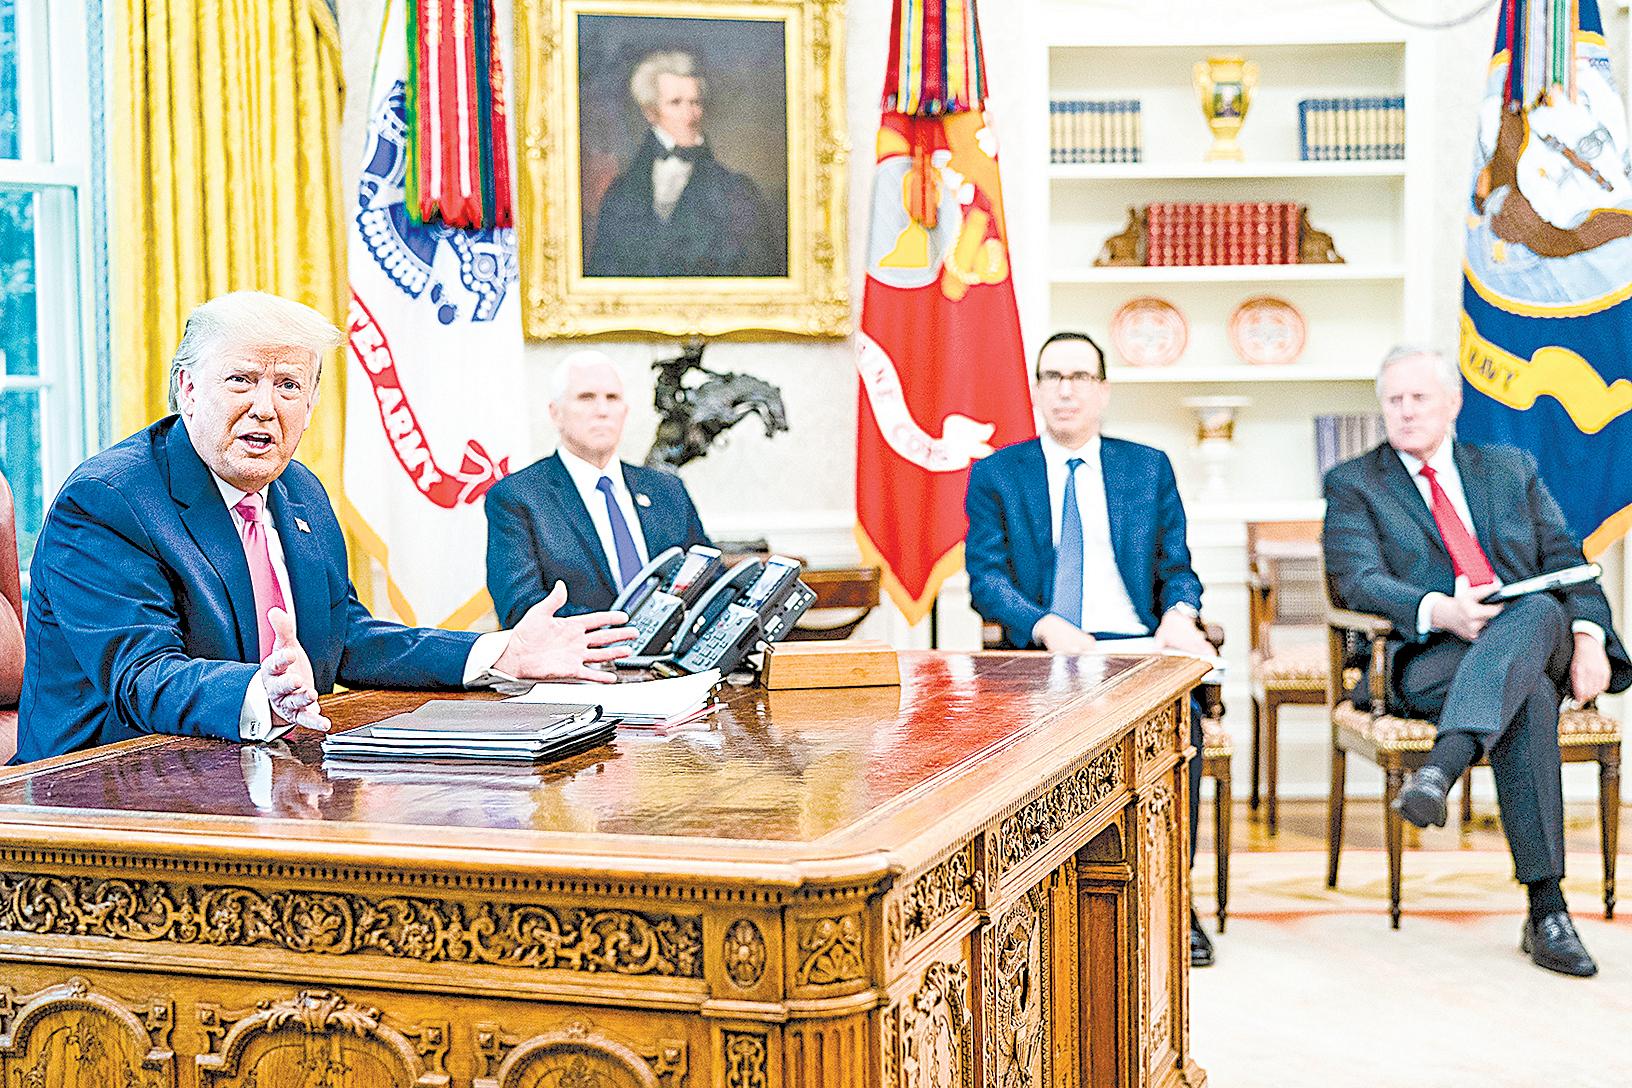 2020年7月20日,美國總統特朗普在白宮橢圓形辦公室主持一個由副總統彭斯、財政部長姆欽、白宮辦公廳主任梅多斯,以及共和黨國會領導人參加的會議,討論了擬議的新一輪金融刺激計劃。(Doug Mills-Pool/Getty Images)